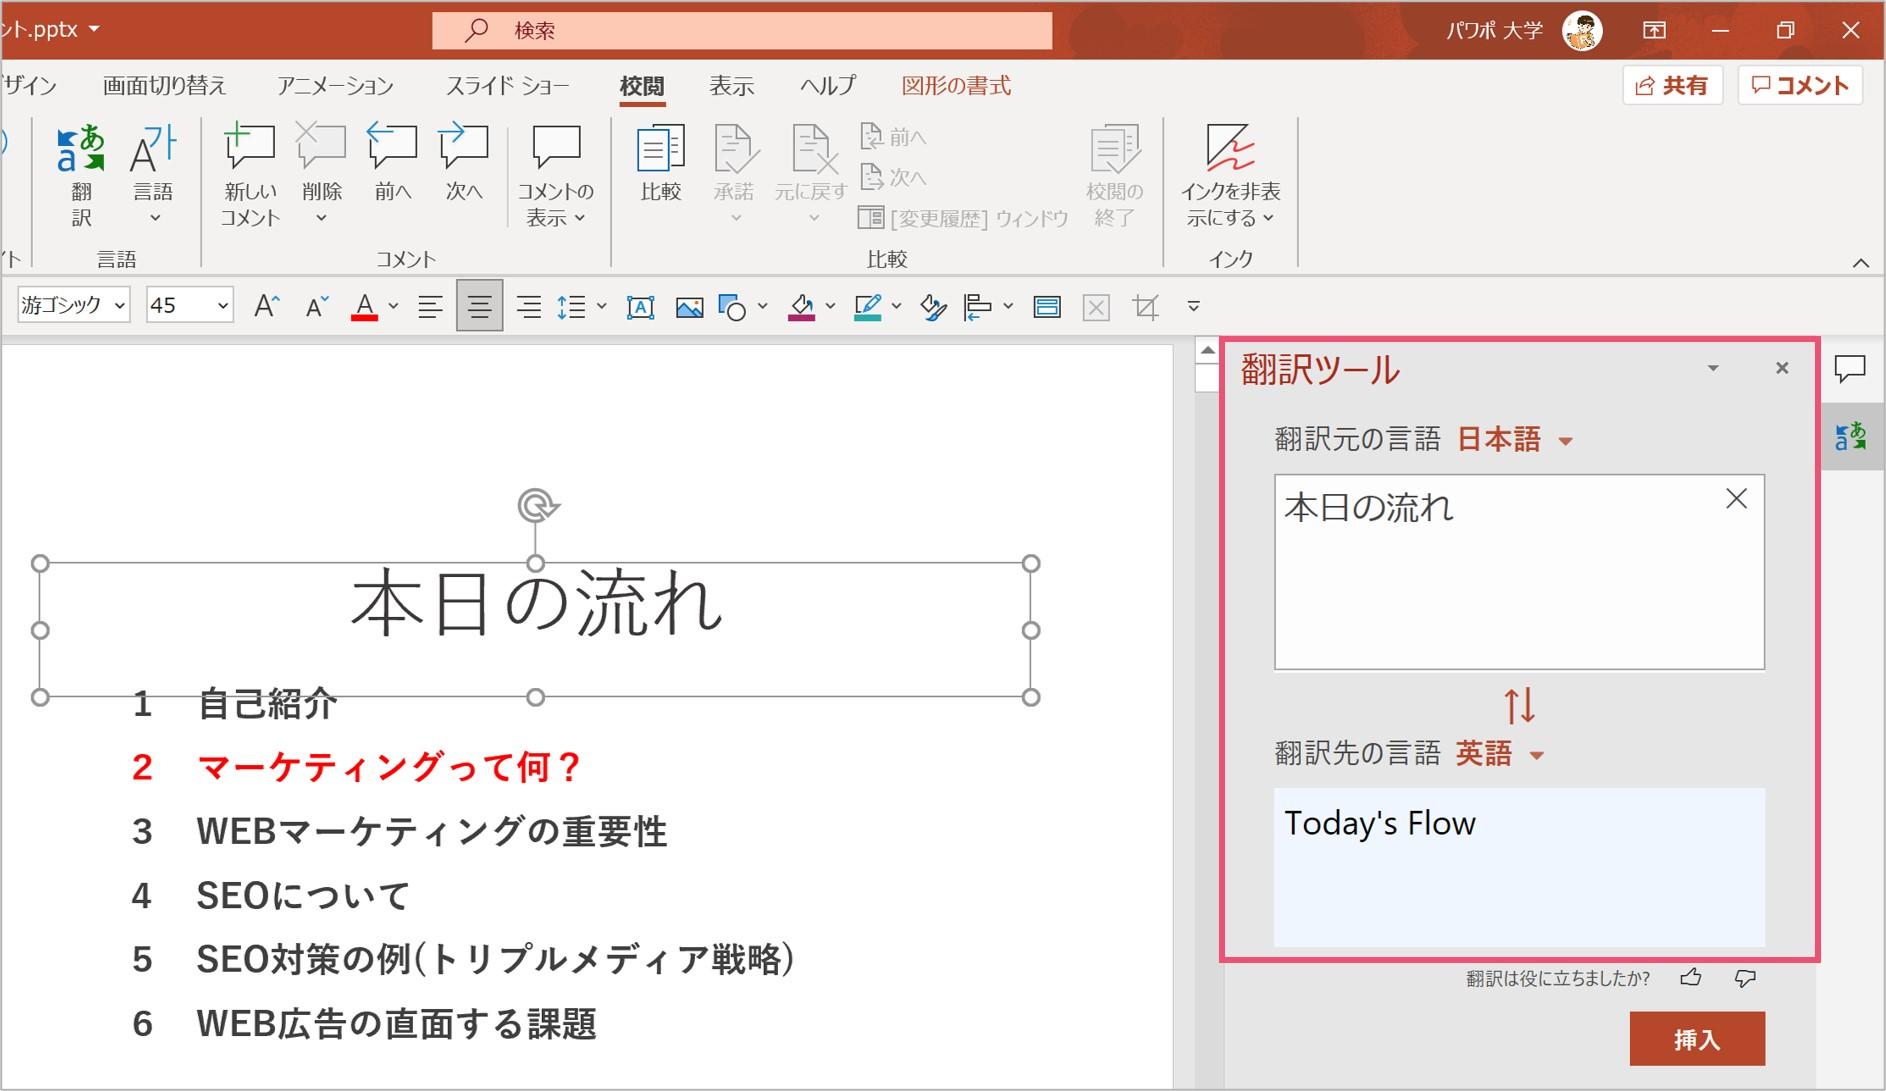 テキストボックスを選択すると、翻訳が開始される